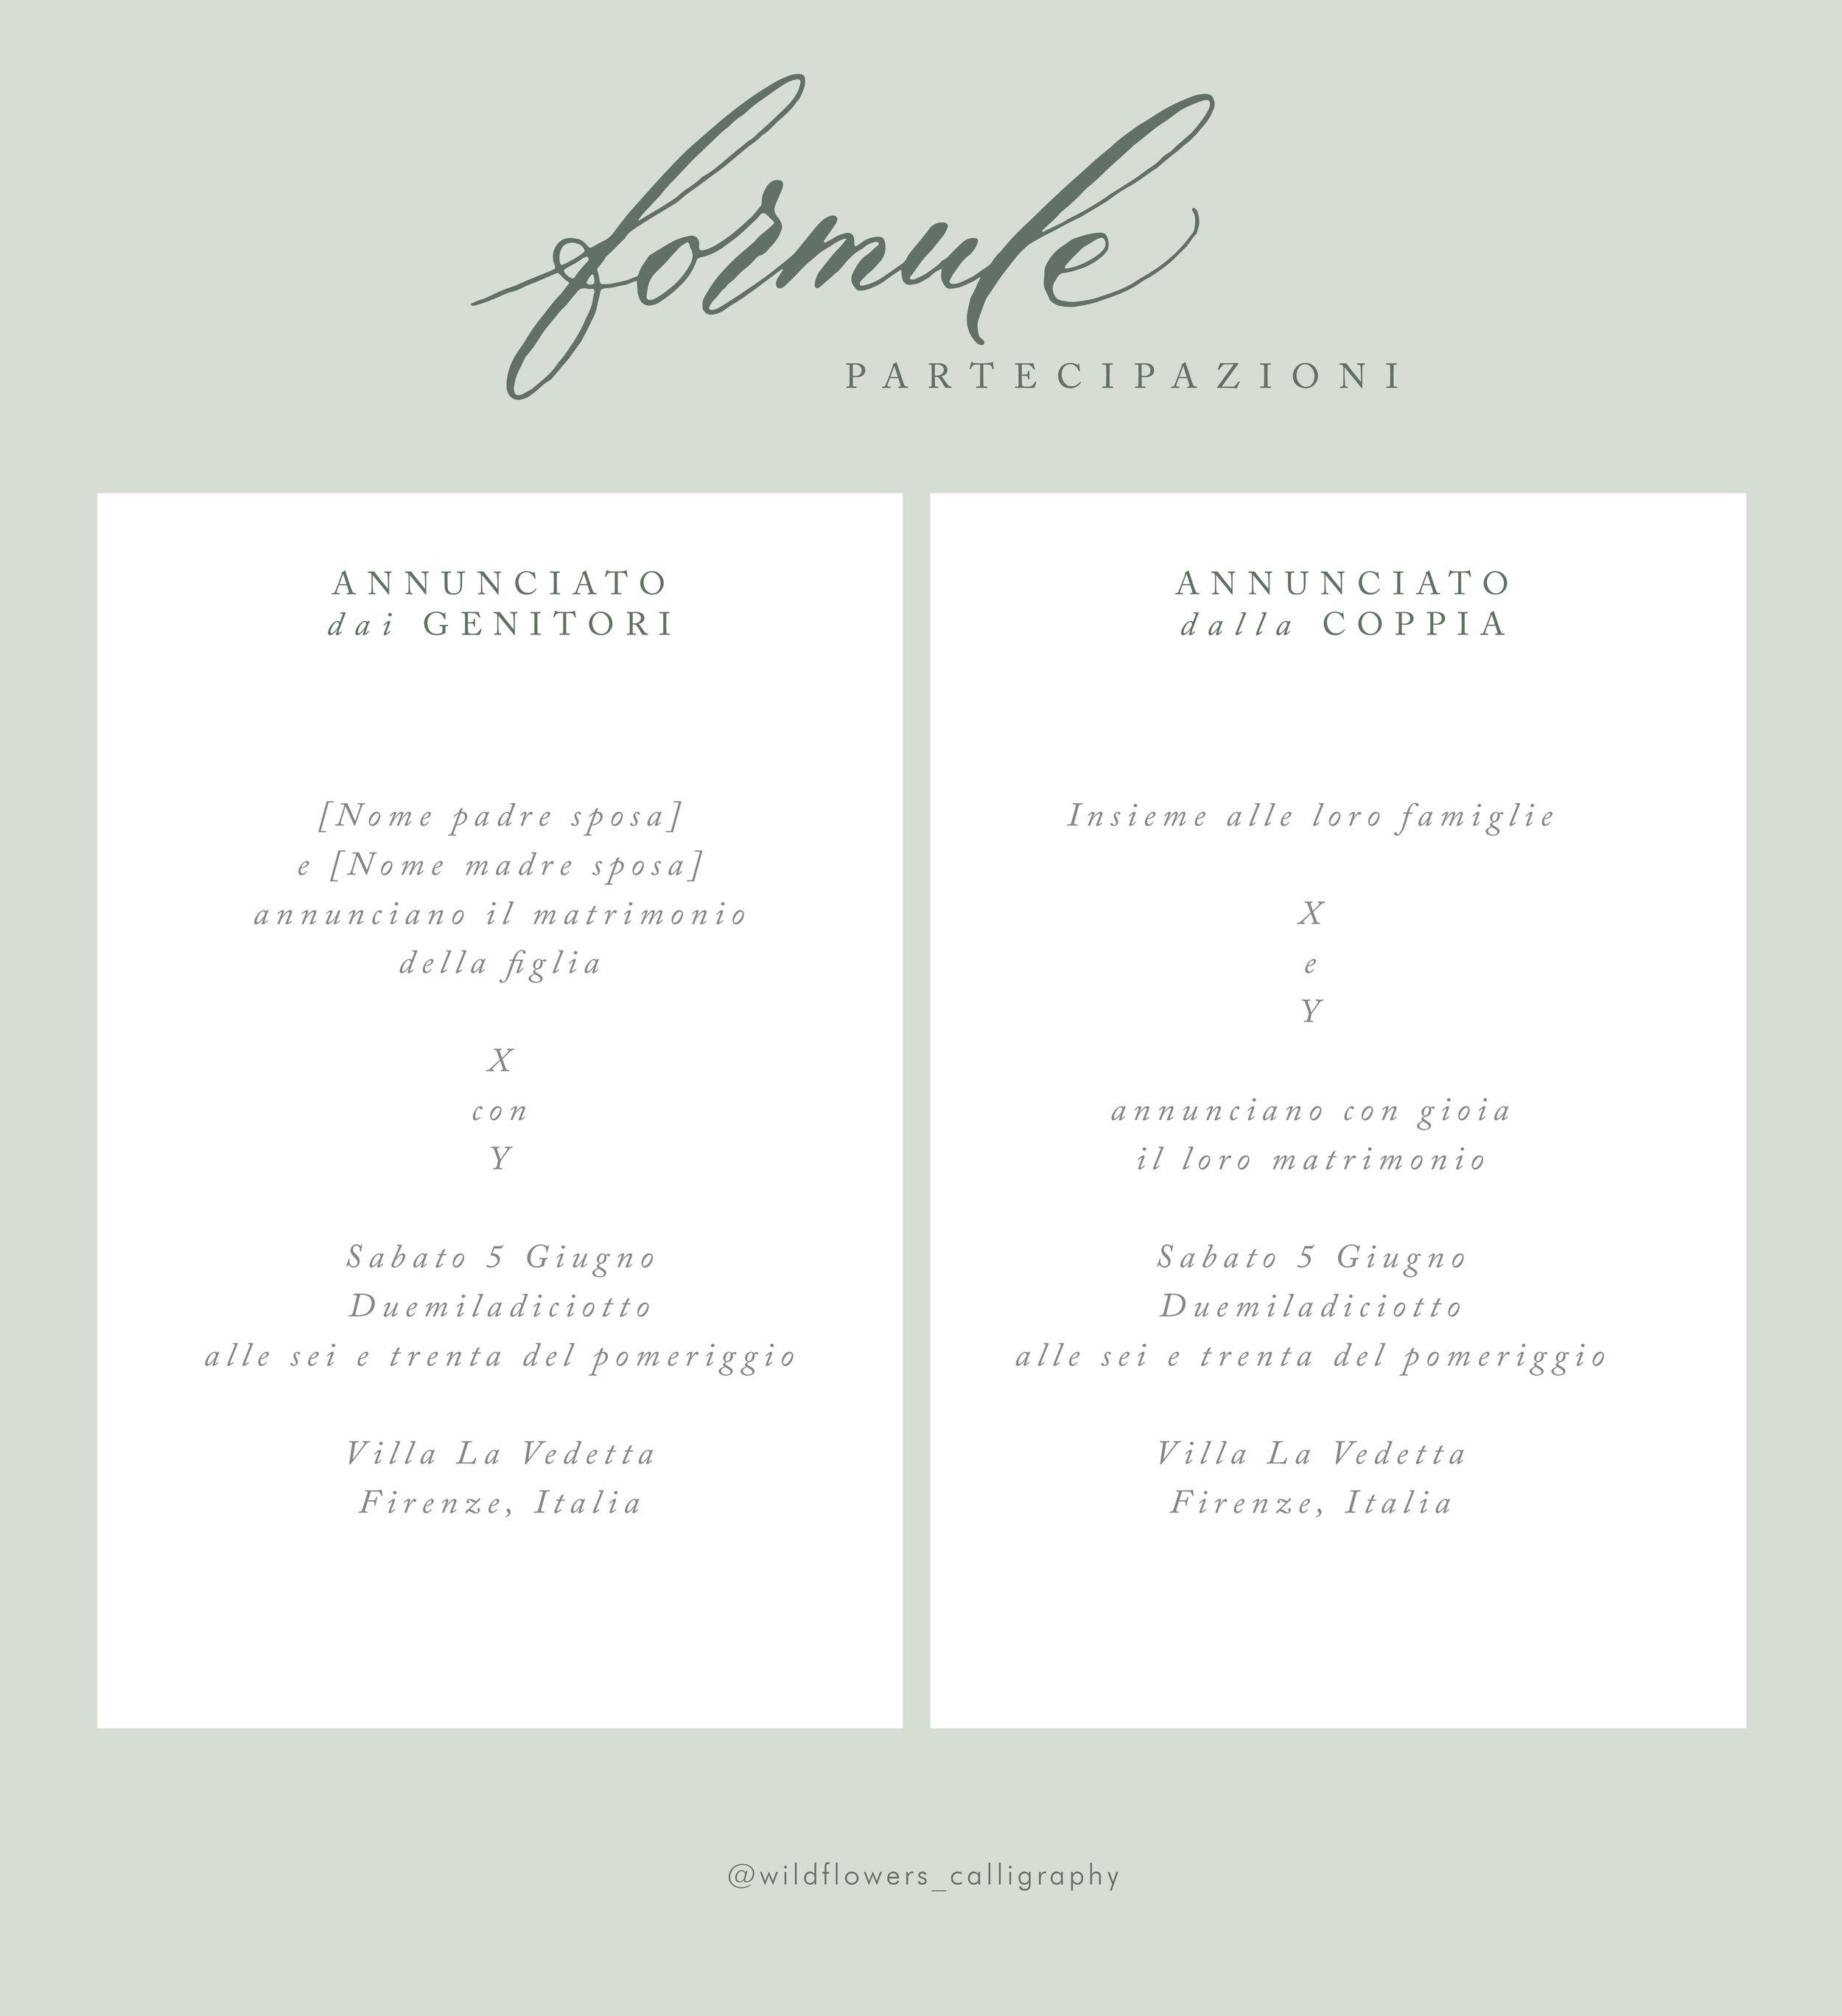 Partecipazioni Matrimonio Genitori.Wildflowers Calligraphy Wedding Invitations 101 Cosa Scrivere